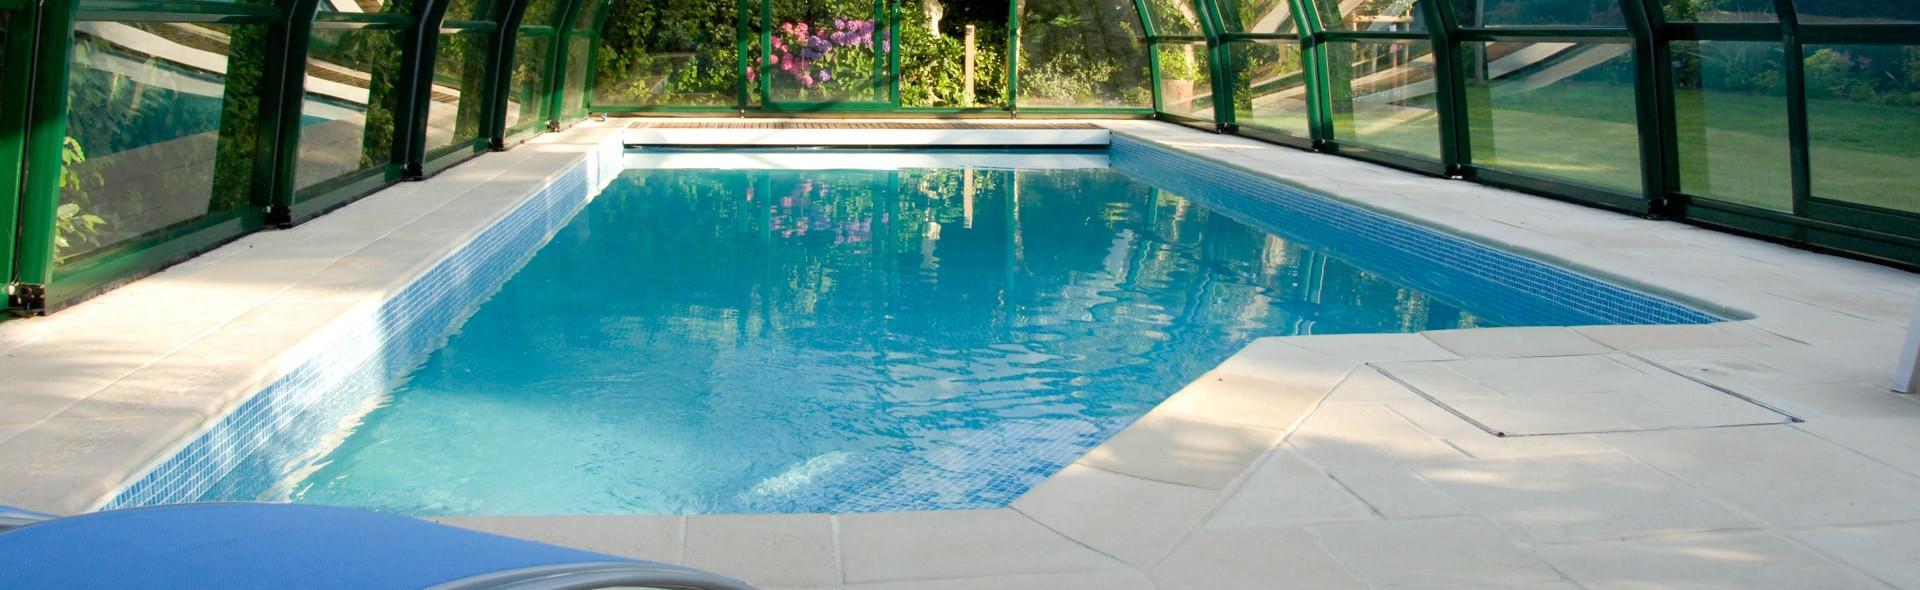 Abri pour les piscines